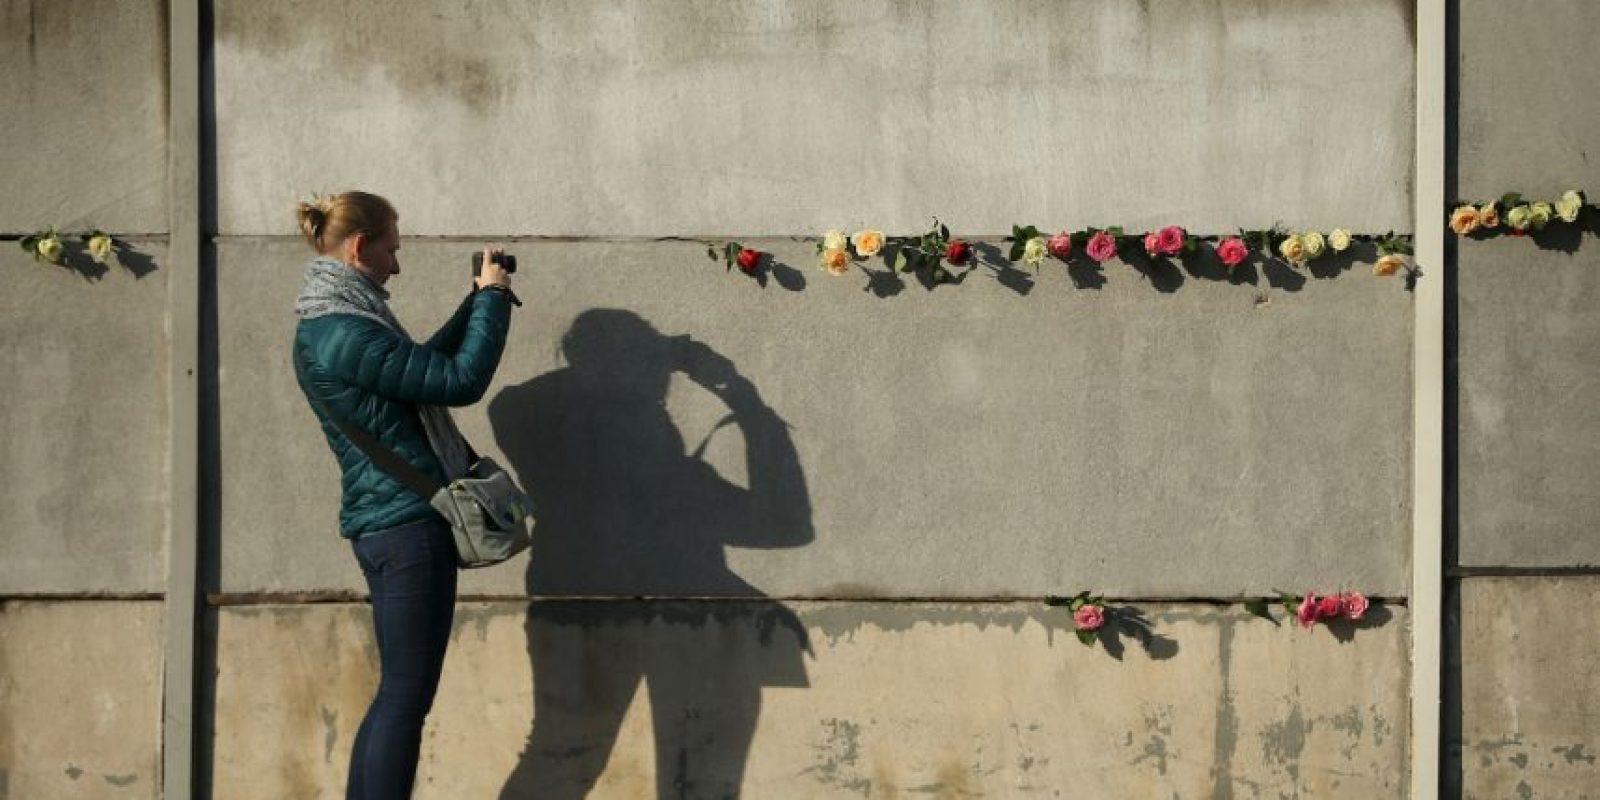 El planeta cambió por completo hace 26 años, cuando cientos de personas se reunieron con palas y mazos para destruir la barrera que separó a una nación por más de 28 años Foto:Getty Images